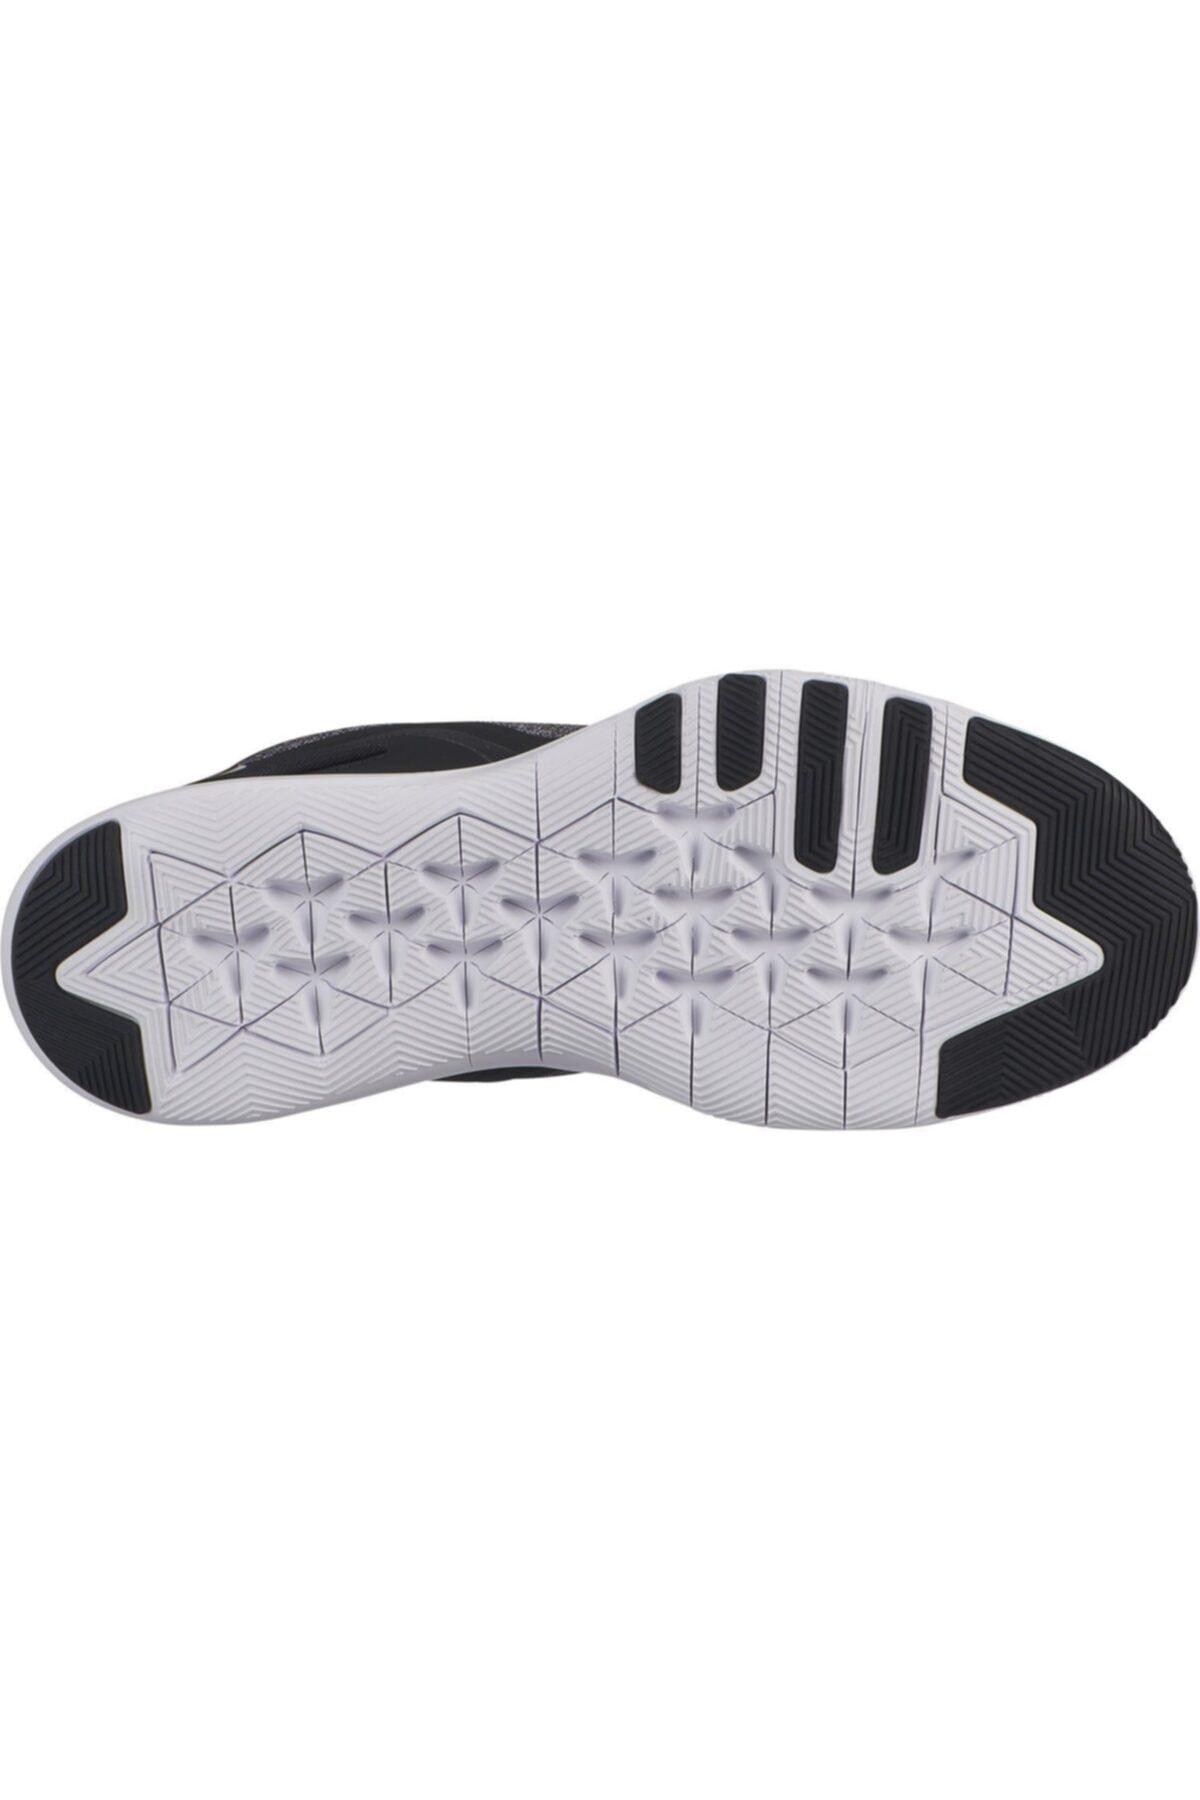 Nike Kids Aq7491-003 Flex Traıner 9 Kadın Antrenman Ayakkabısı 2